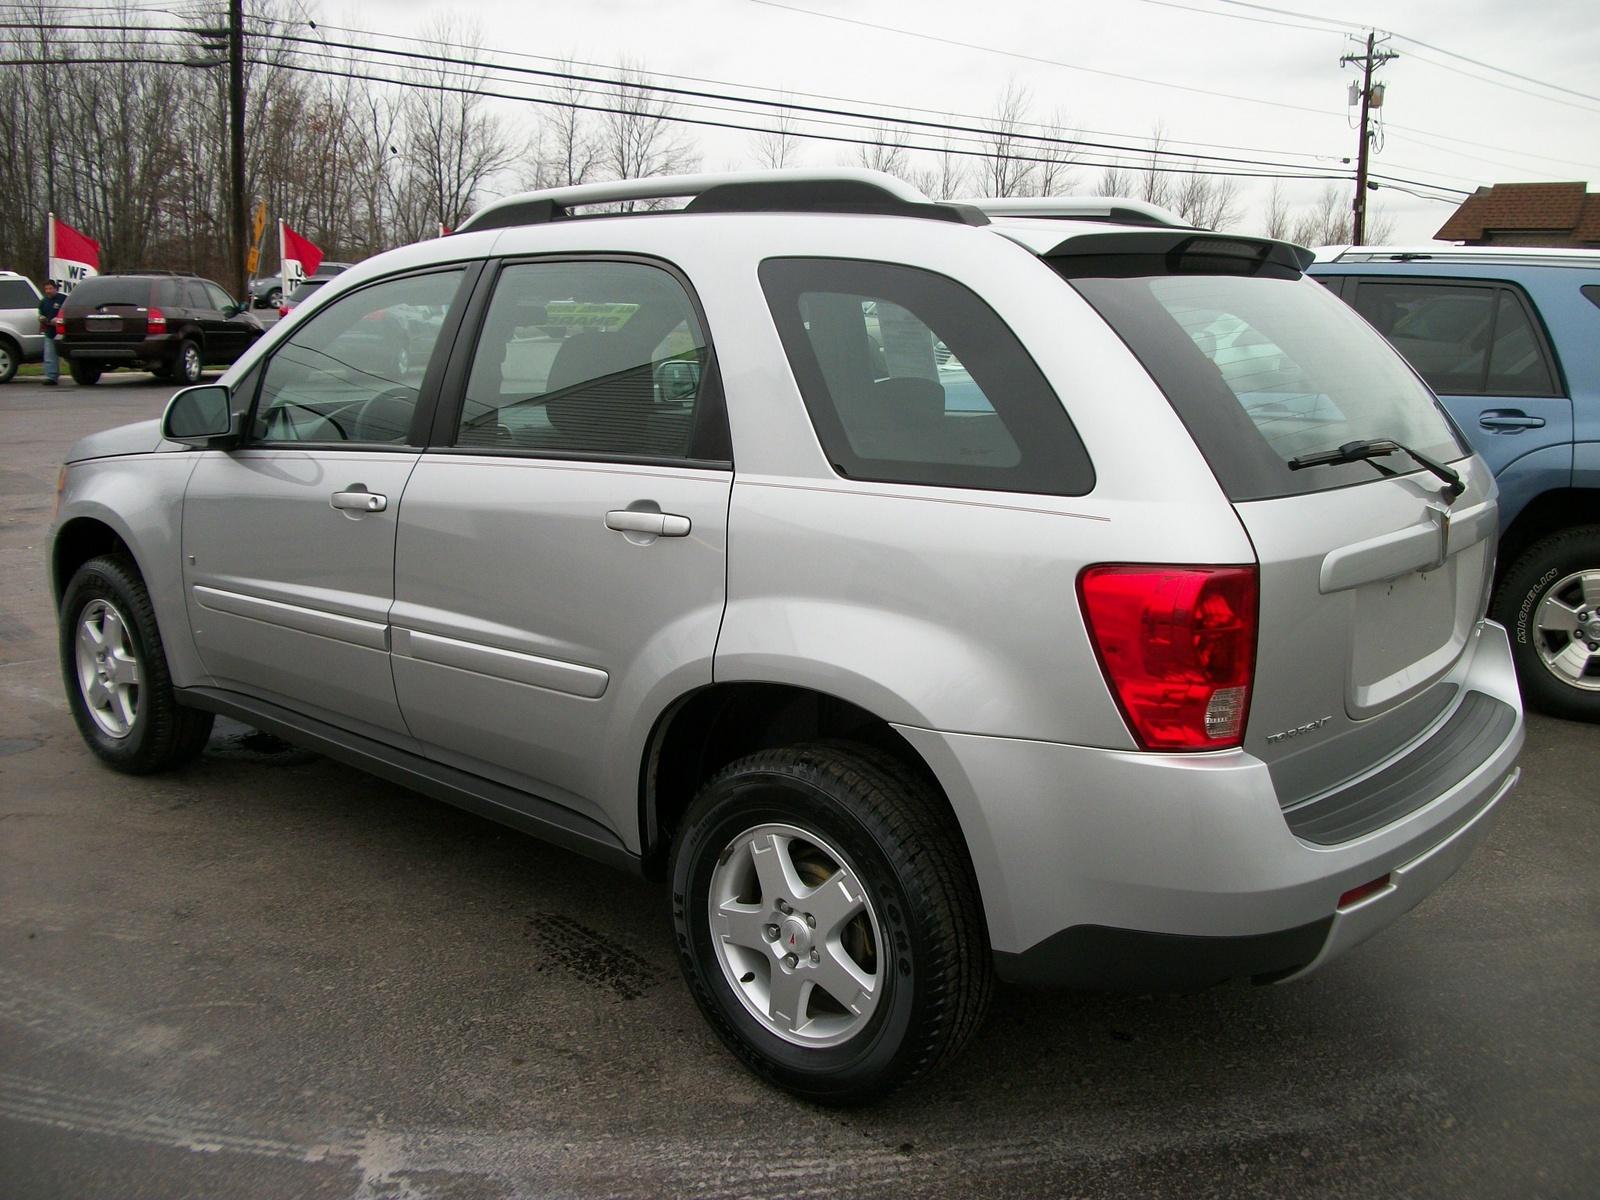 2011 Chevrolet Impala Transmission Problems Complaints